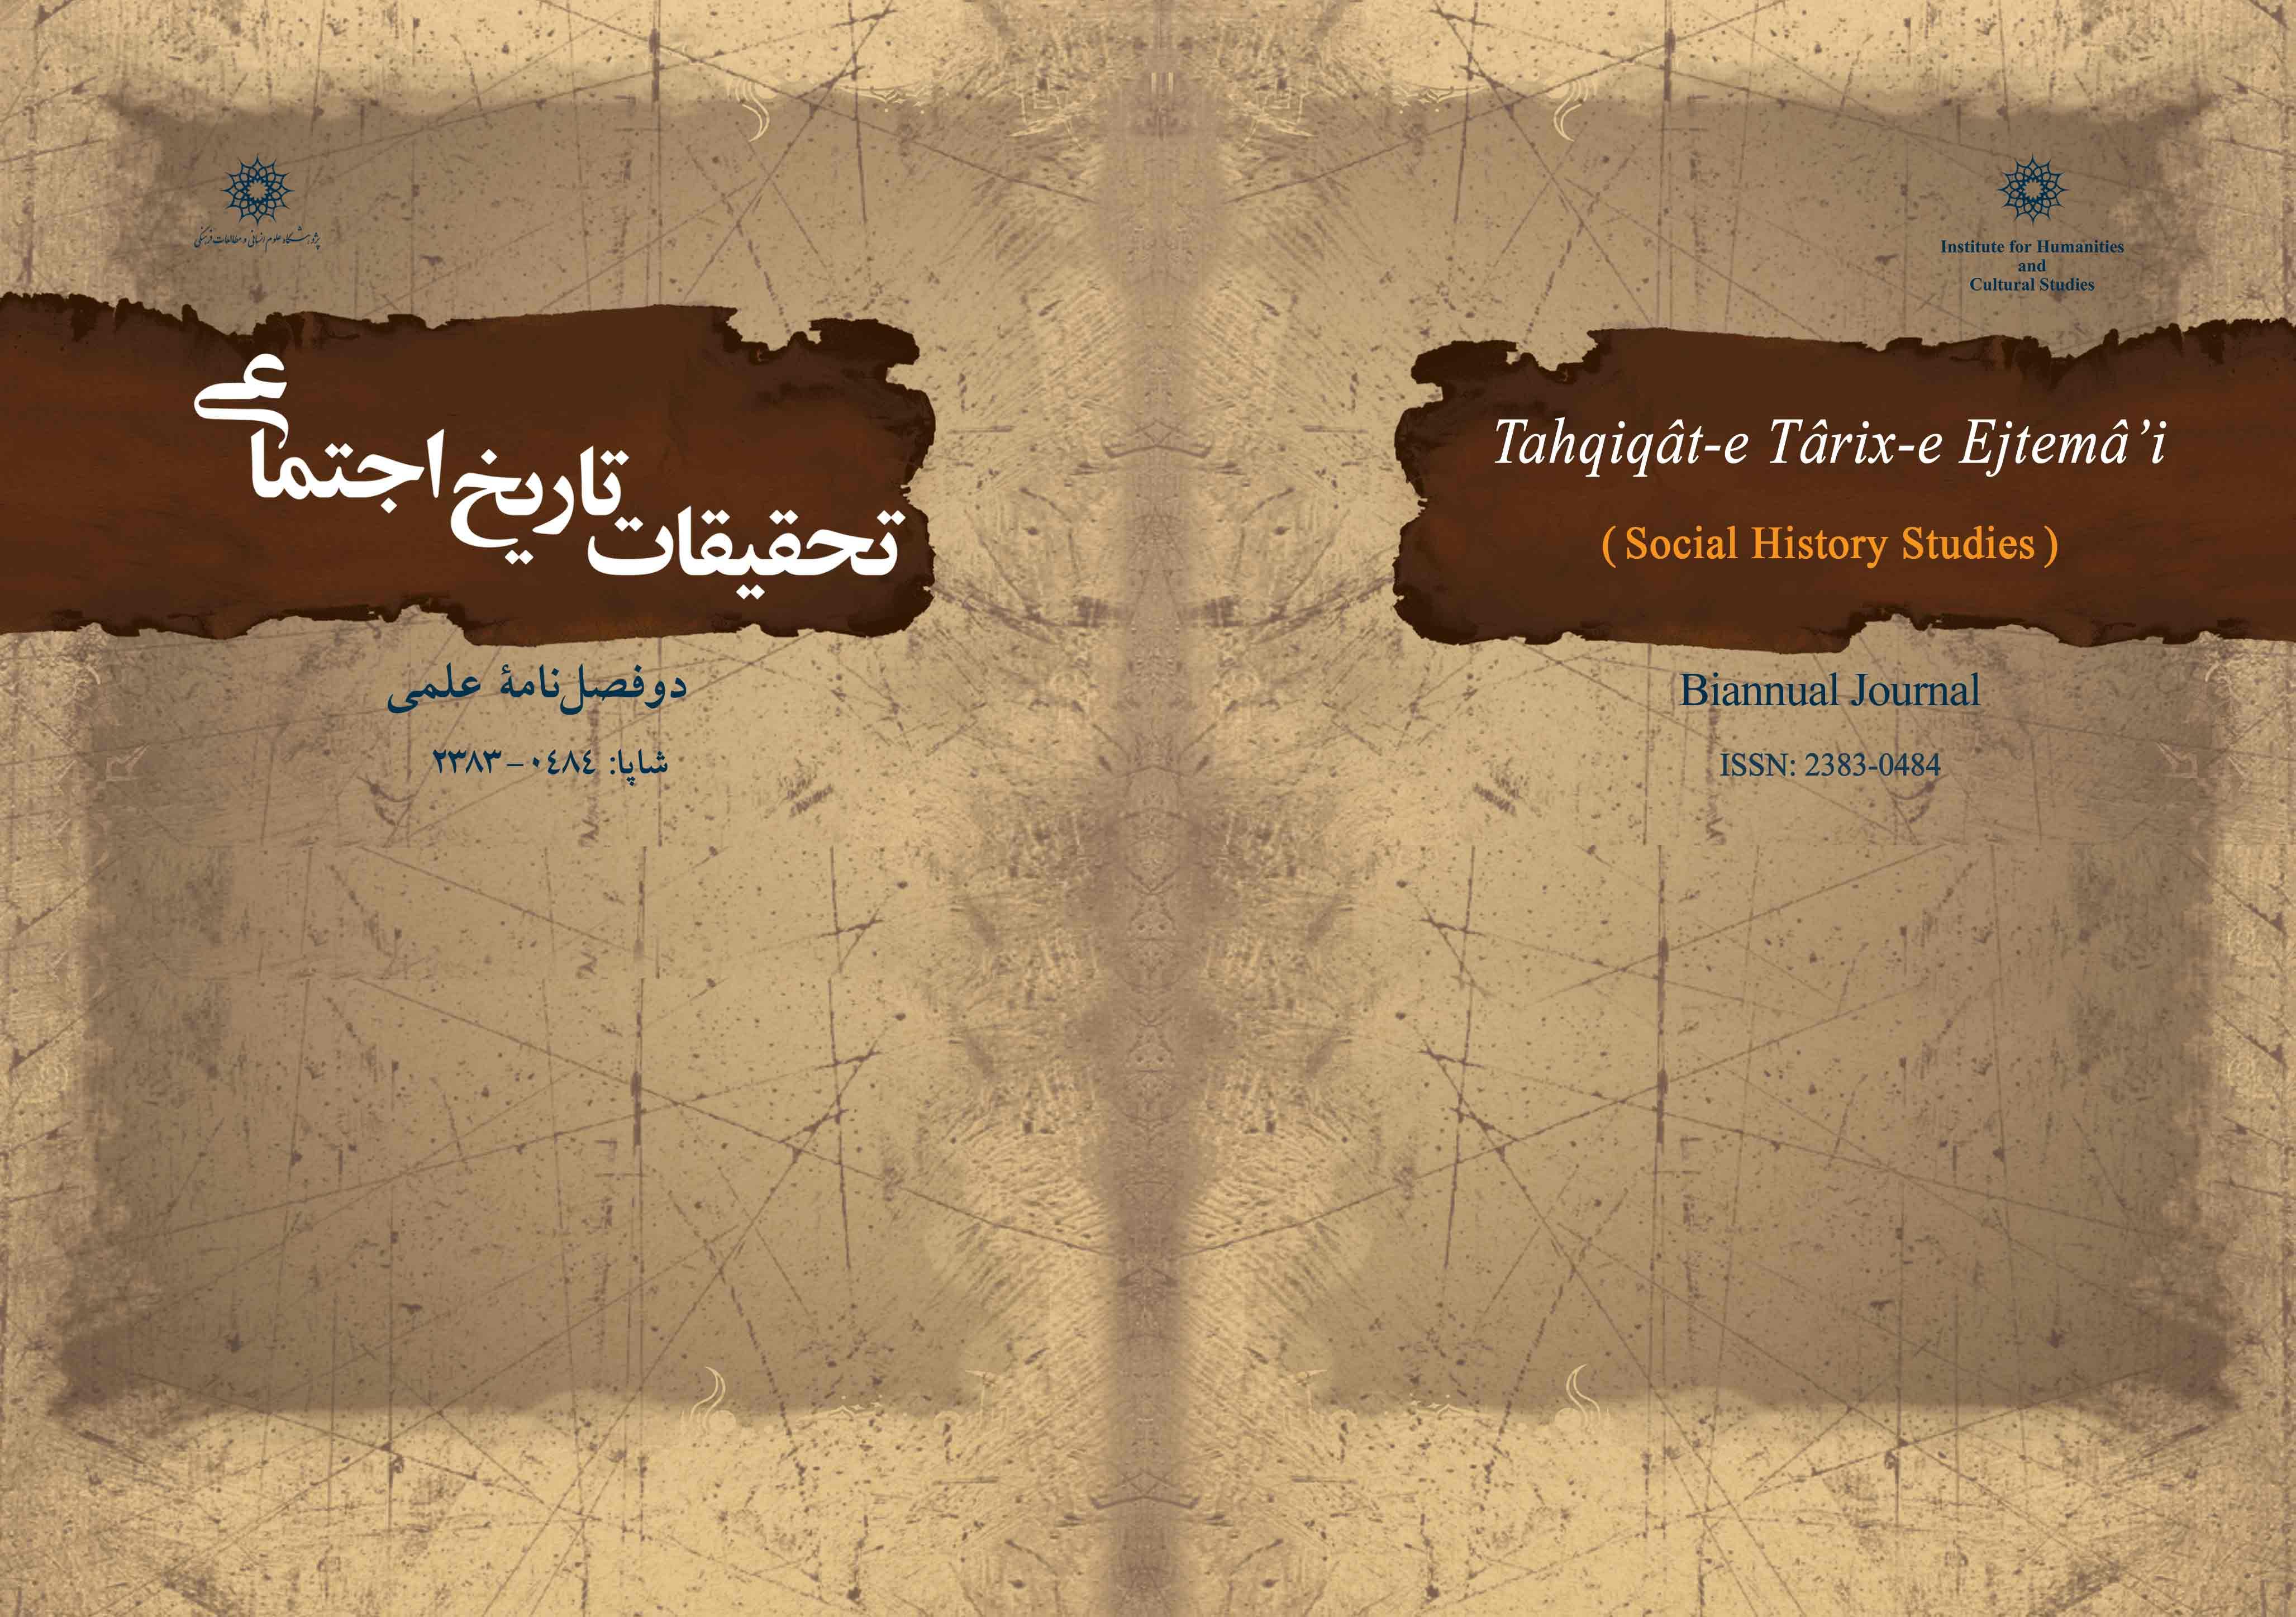 تحقیقات تاریخ اجتماعی